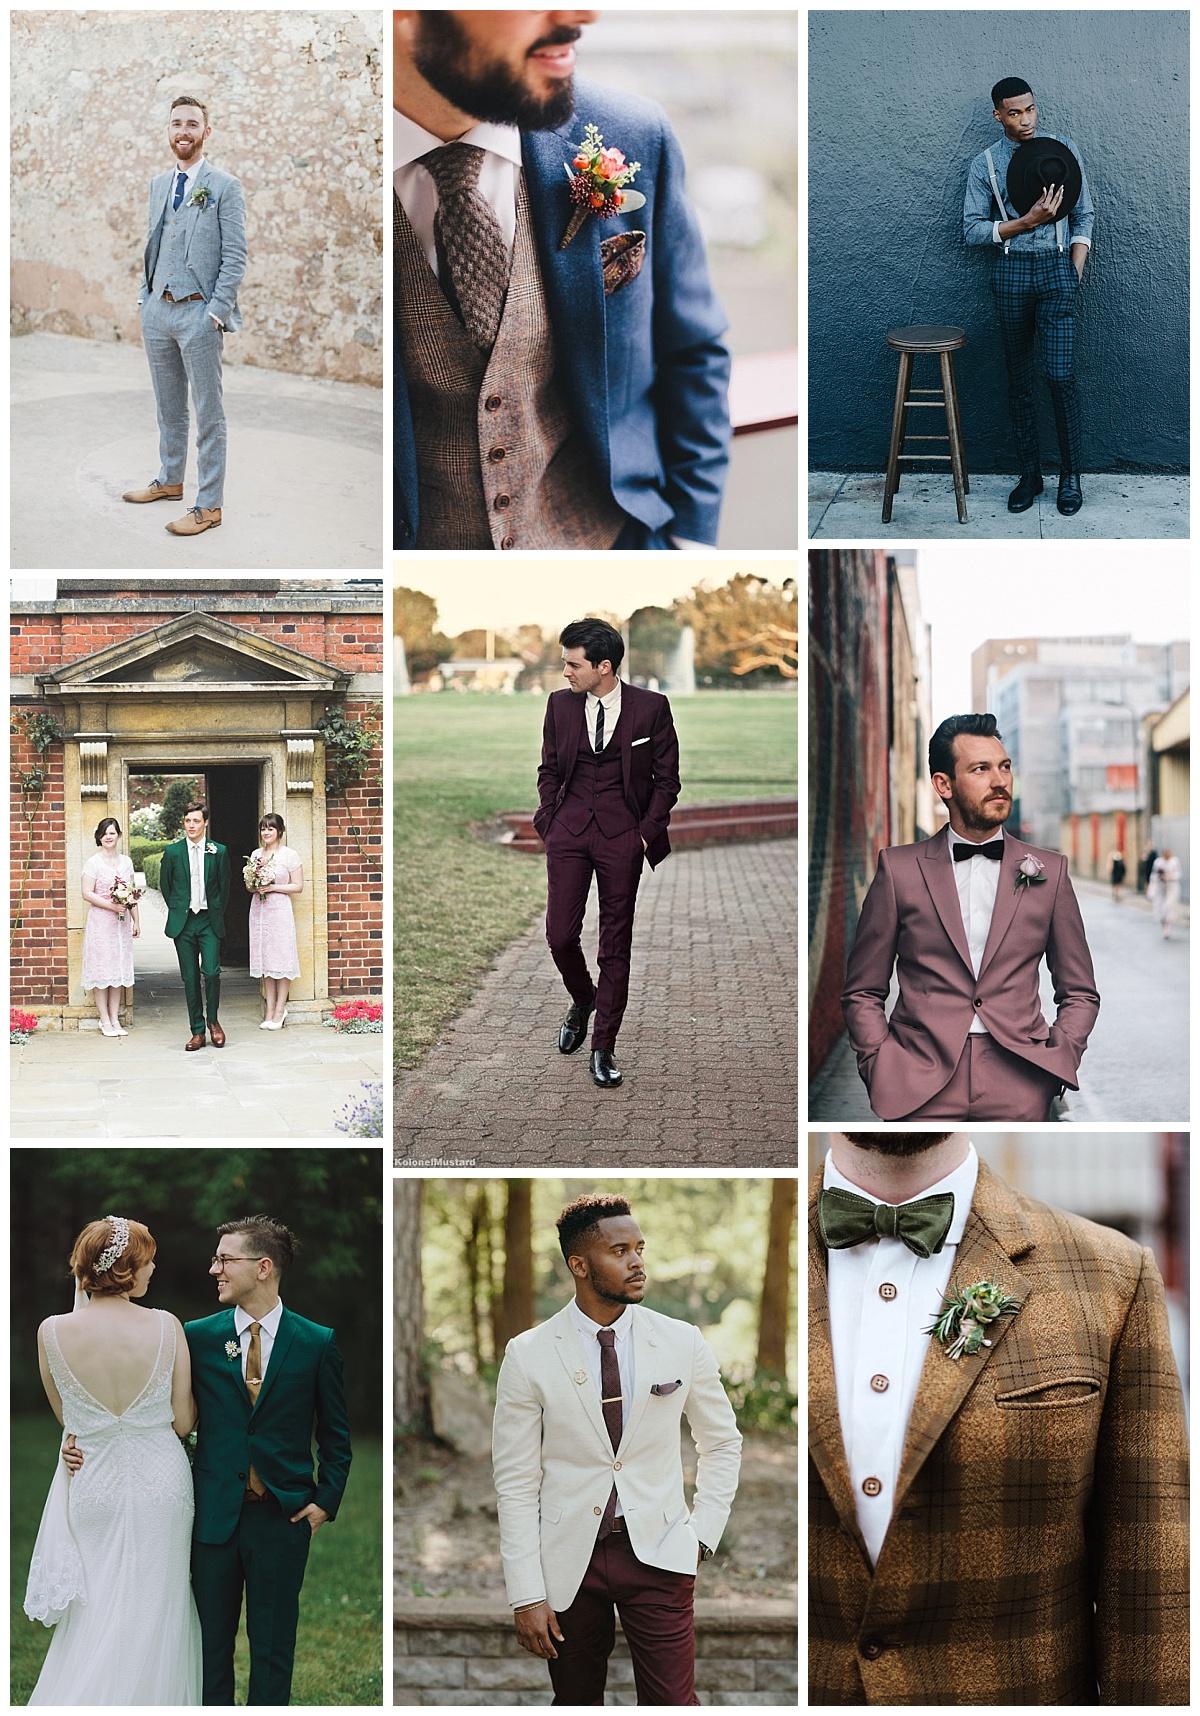 Farba do svadobného looku preniká najmä prostredníctvom doplnkov bfbecef38e8